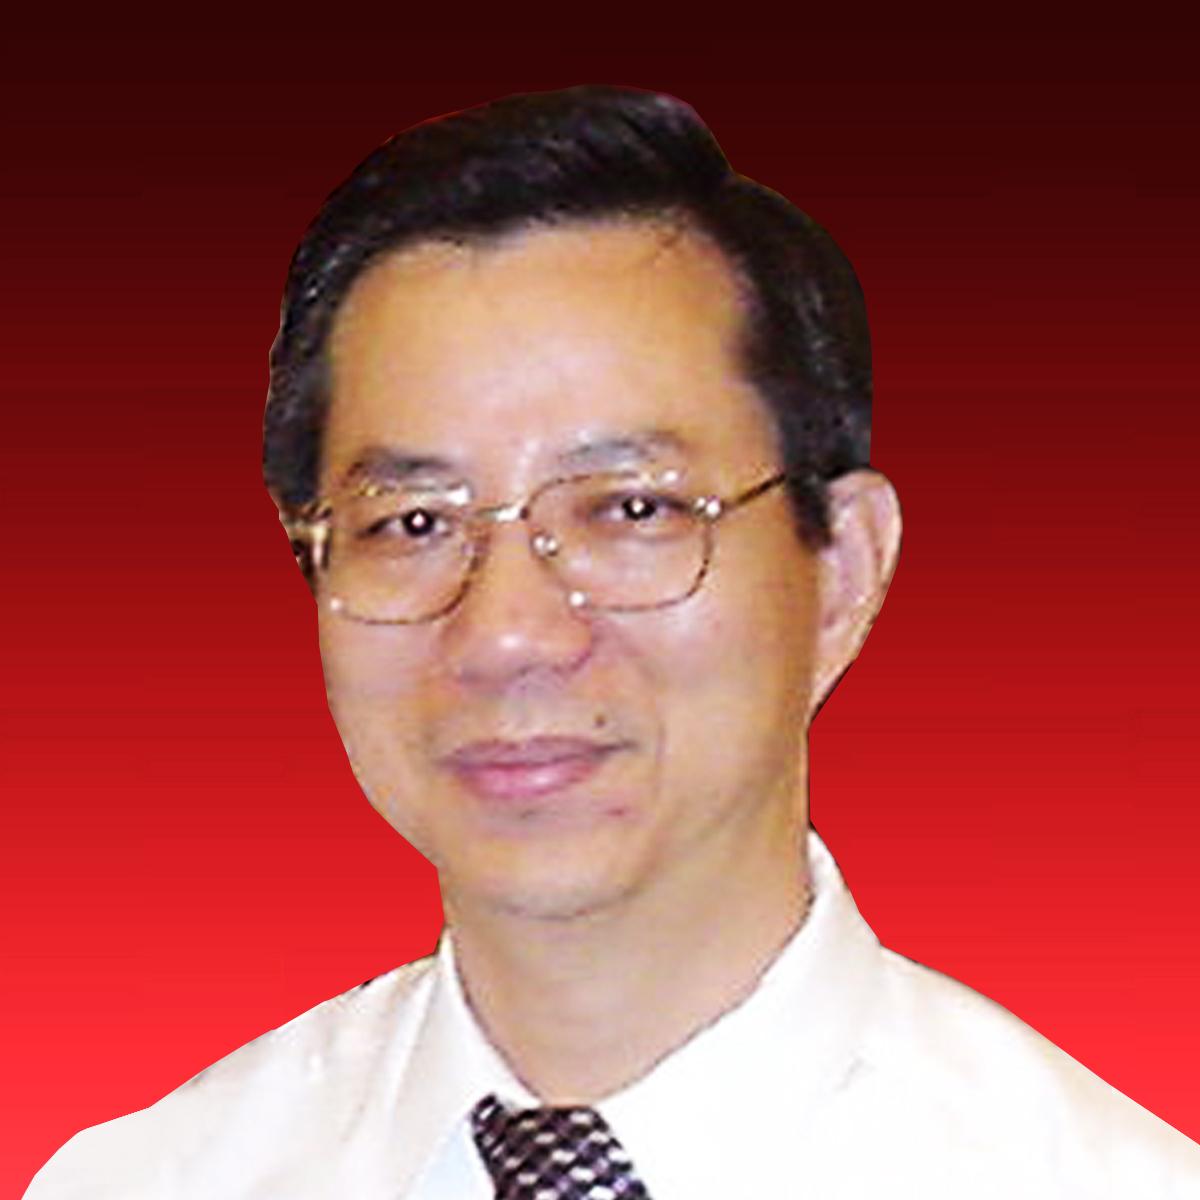 09-Freddy Chow